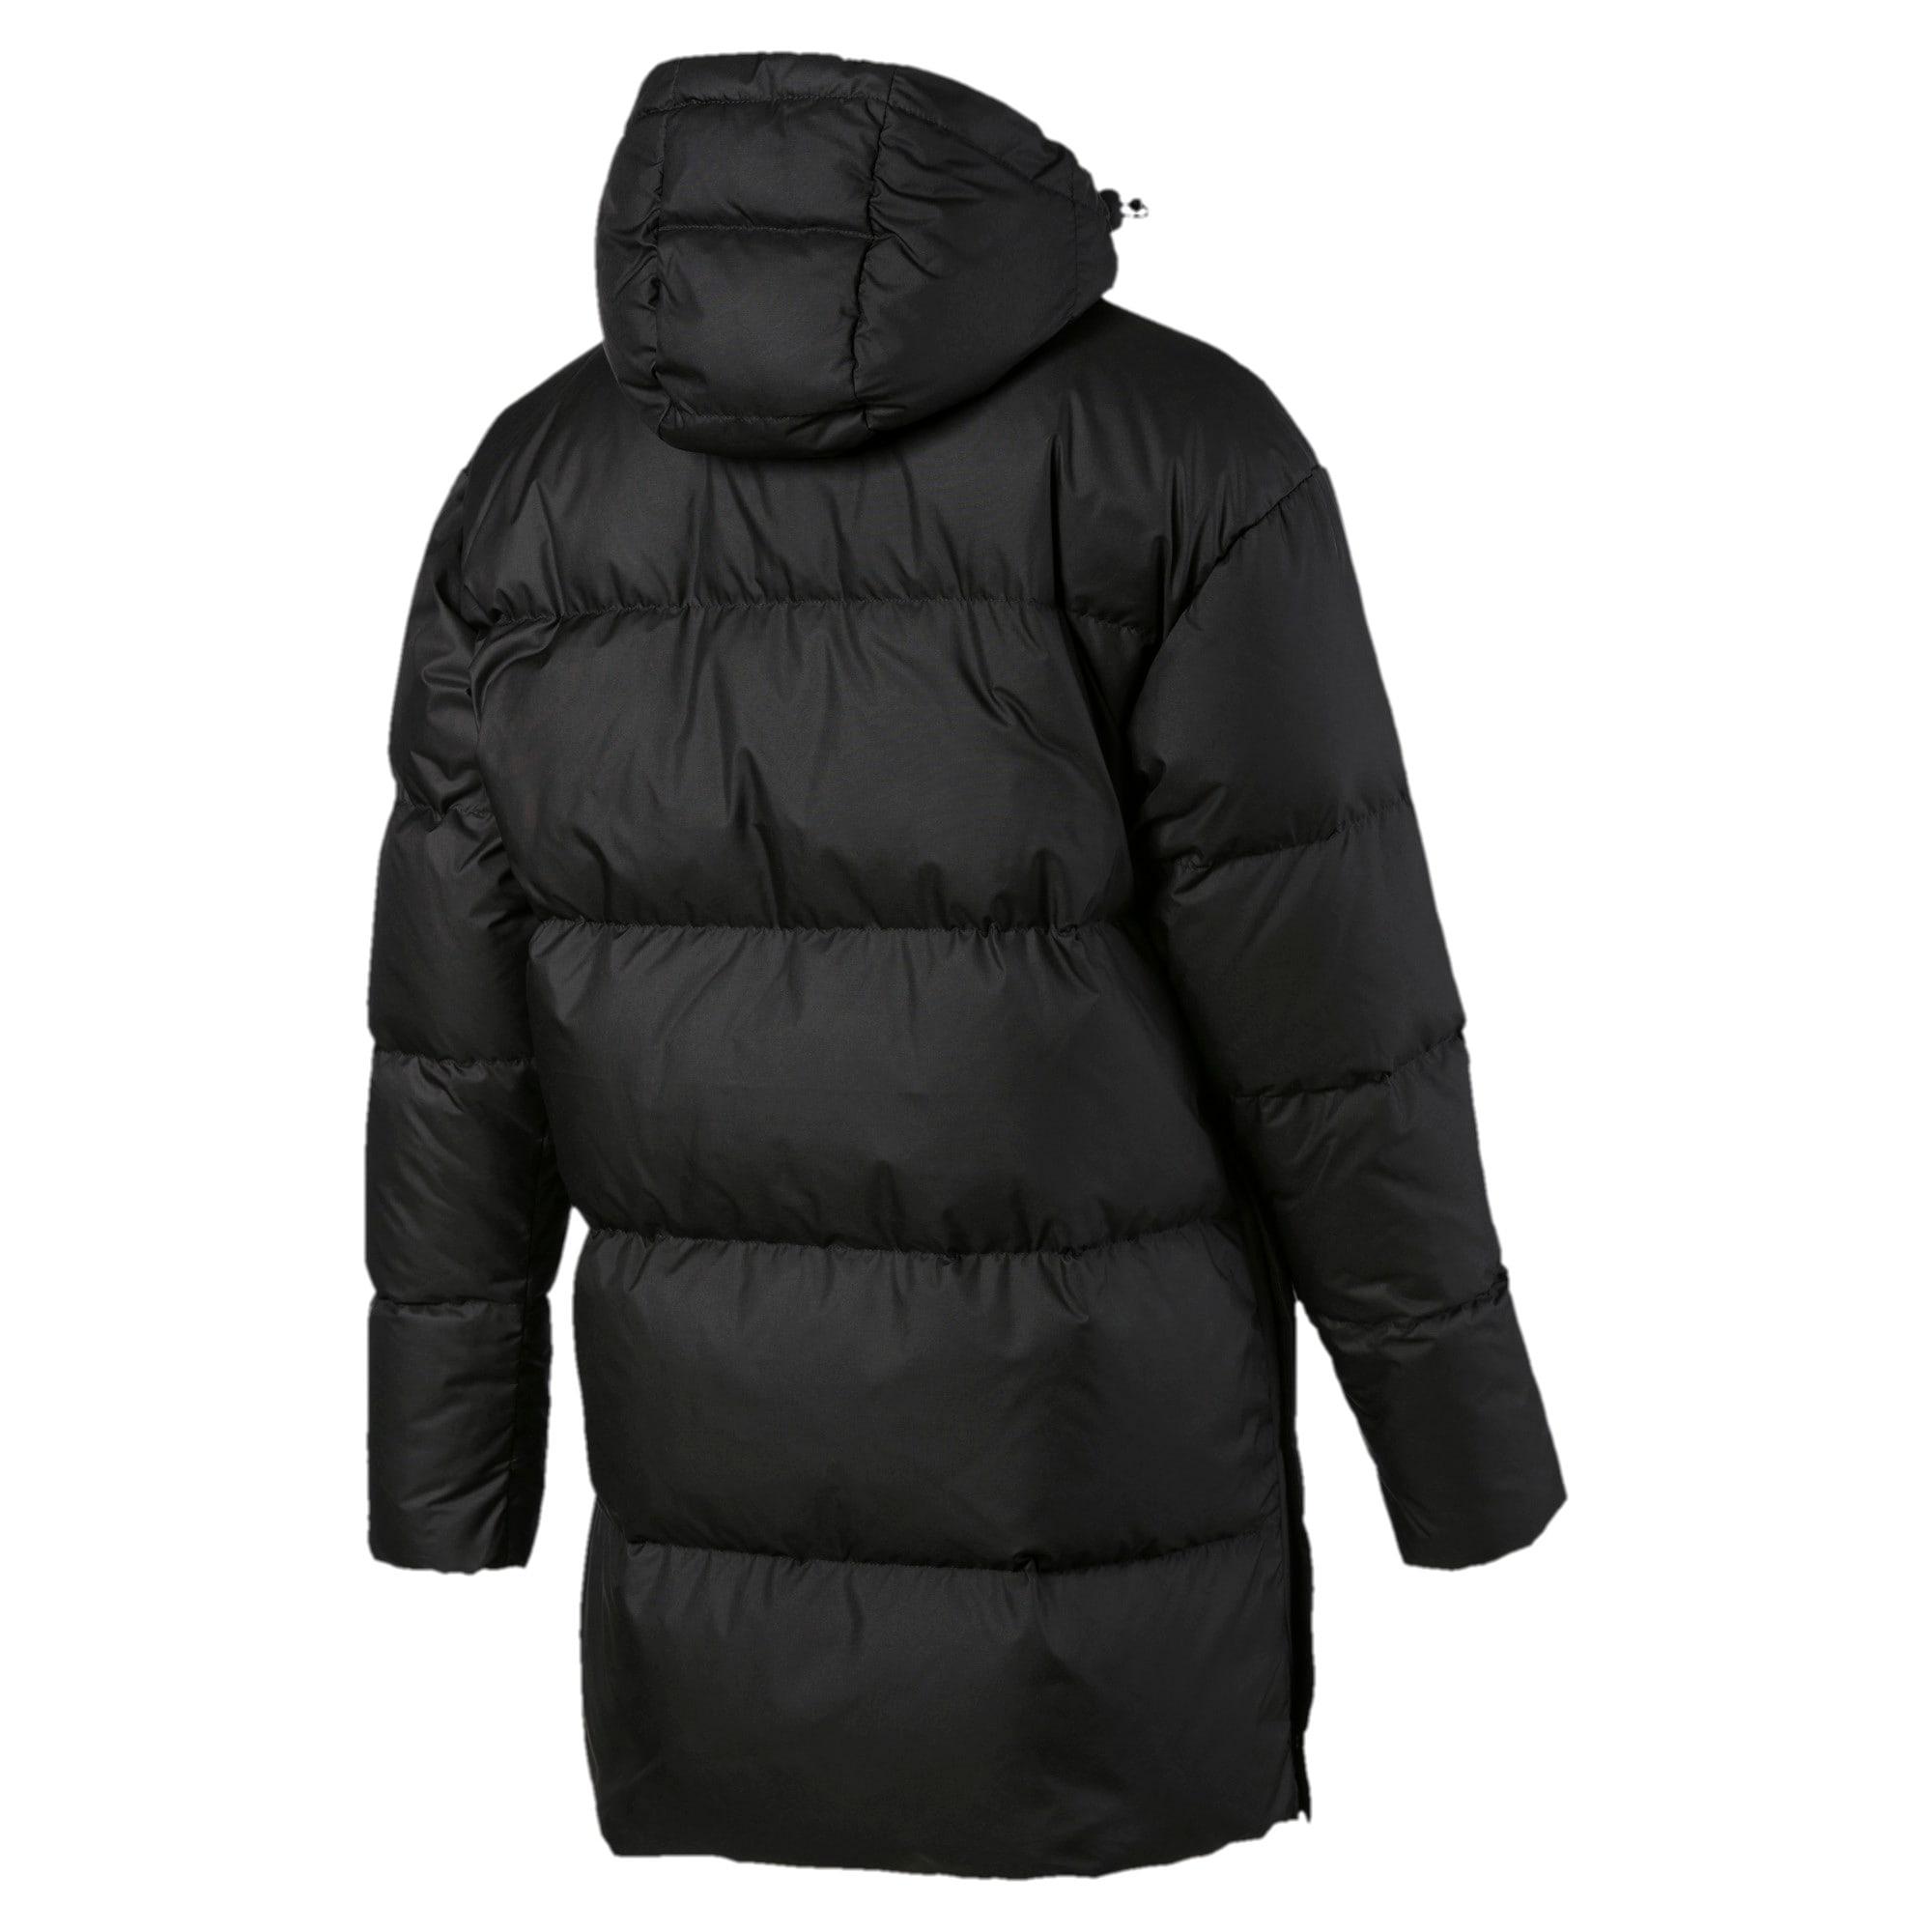 Thumbnail 5 of 450 Long Hooded Down Women's Coat, Puma Black, medium